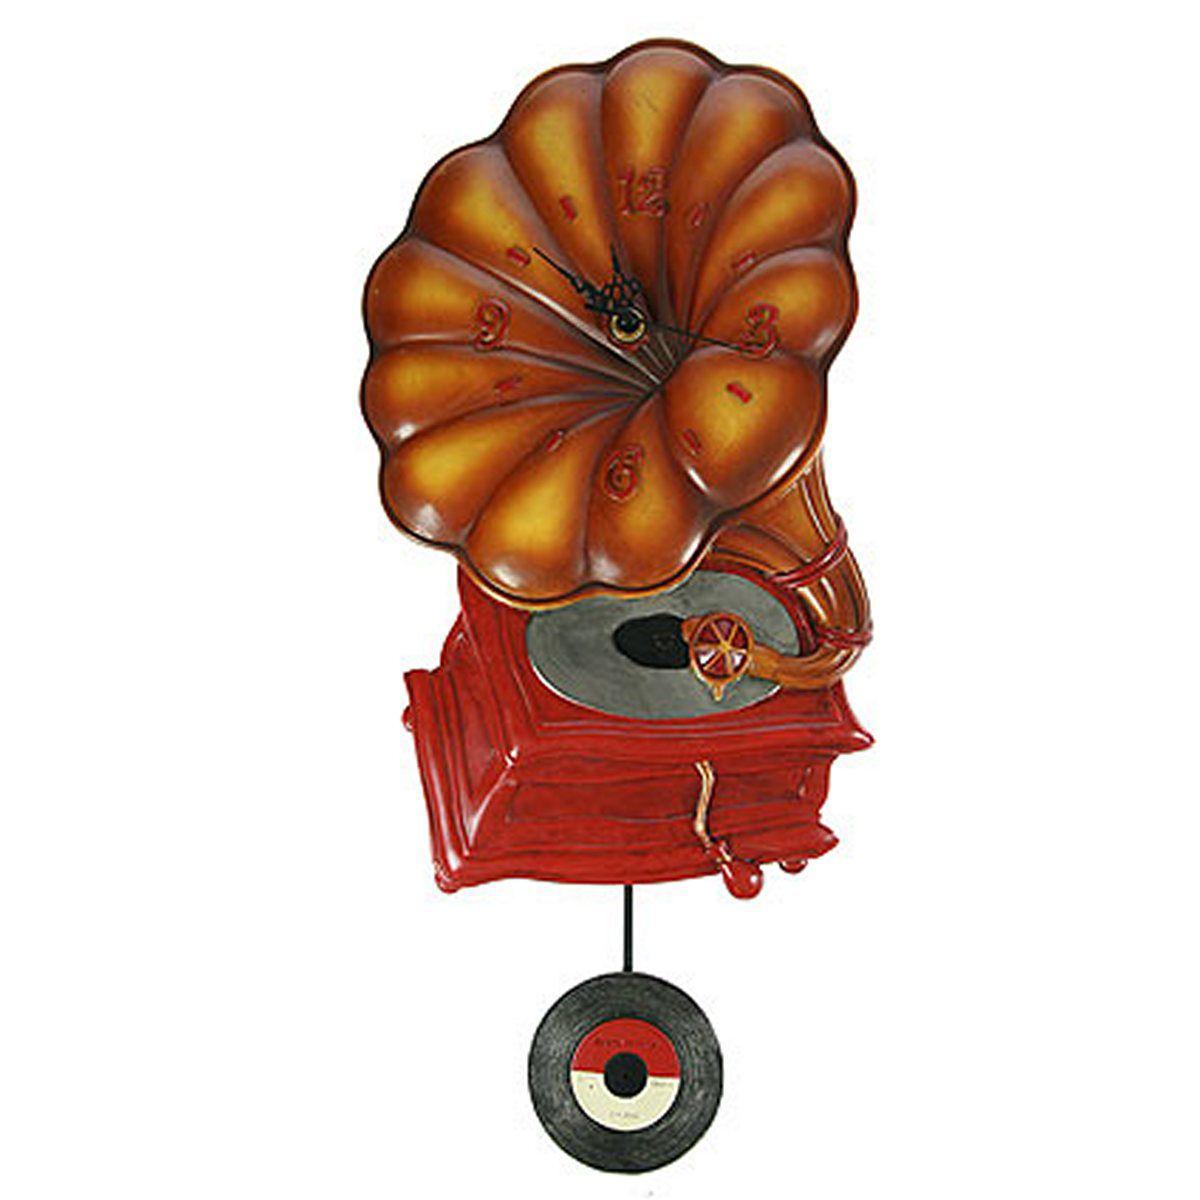 Часы настенные Русские Подарки Граммофон, с маятником, 25 х 7 х 52 см. 224864300173Настенные кварцевые часы с маятником Русские Подарки Граммофон изготовлены из полистоуна. Корпус выполнен в виде старинного граммофона. Часы имеют три стрелки - часовую, минутную и секундную. С обратной стороны имеетсяпетелька для подвешивания на стену. Изящные часы красиво и оригинально оформят интерьер дома или офиса. Также часы могут стать уникальным, полезным подарком для родственников, коллег, знакомых и близких.Часы работают от батареек типа АА (в комплект не входят).